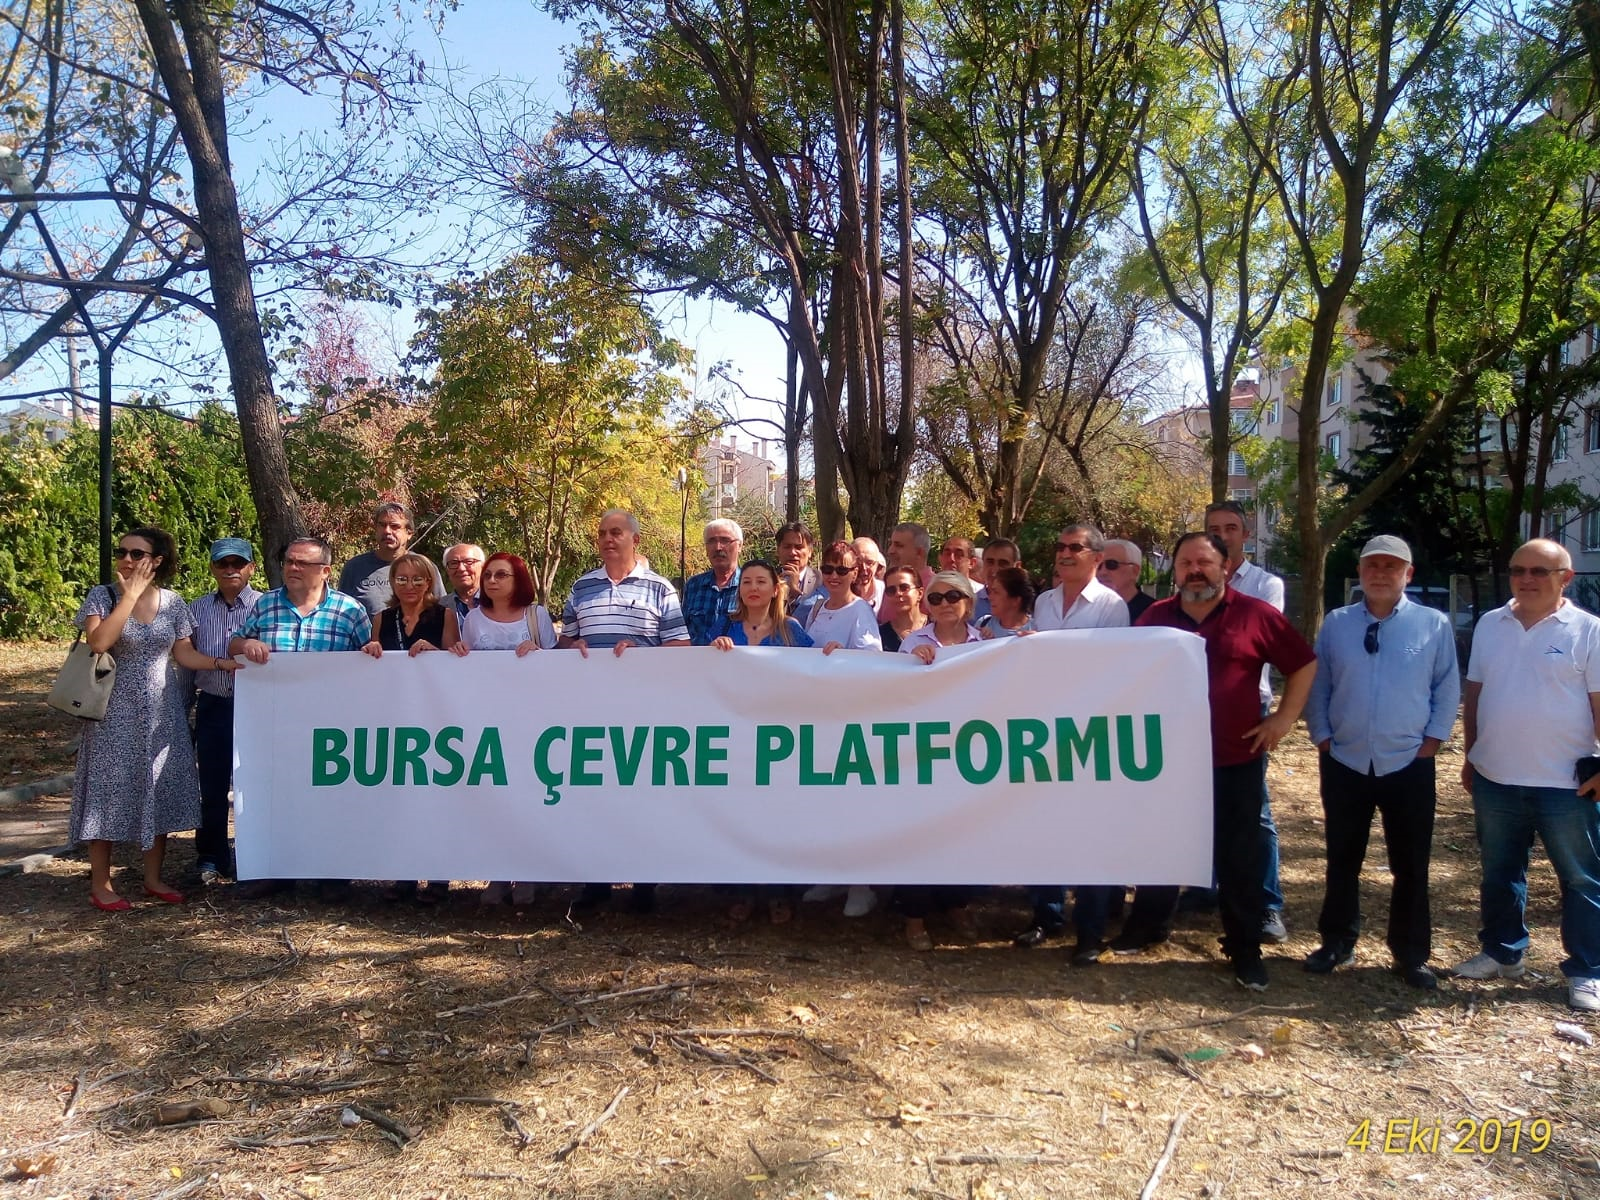 Bursa Çevre Platformunda alınan kararlar ve basın bildirisi